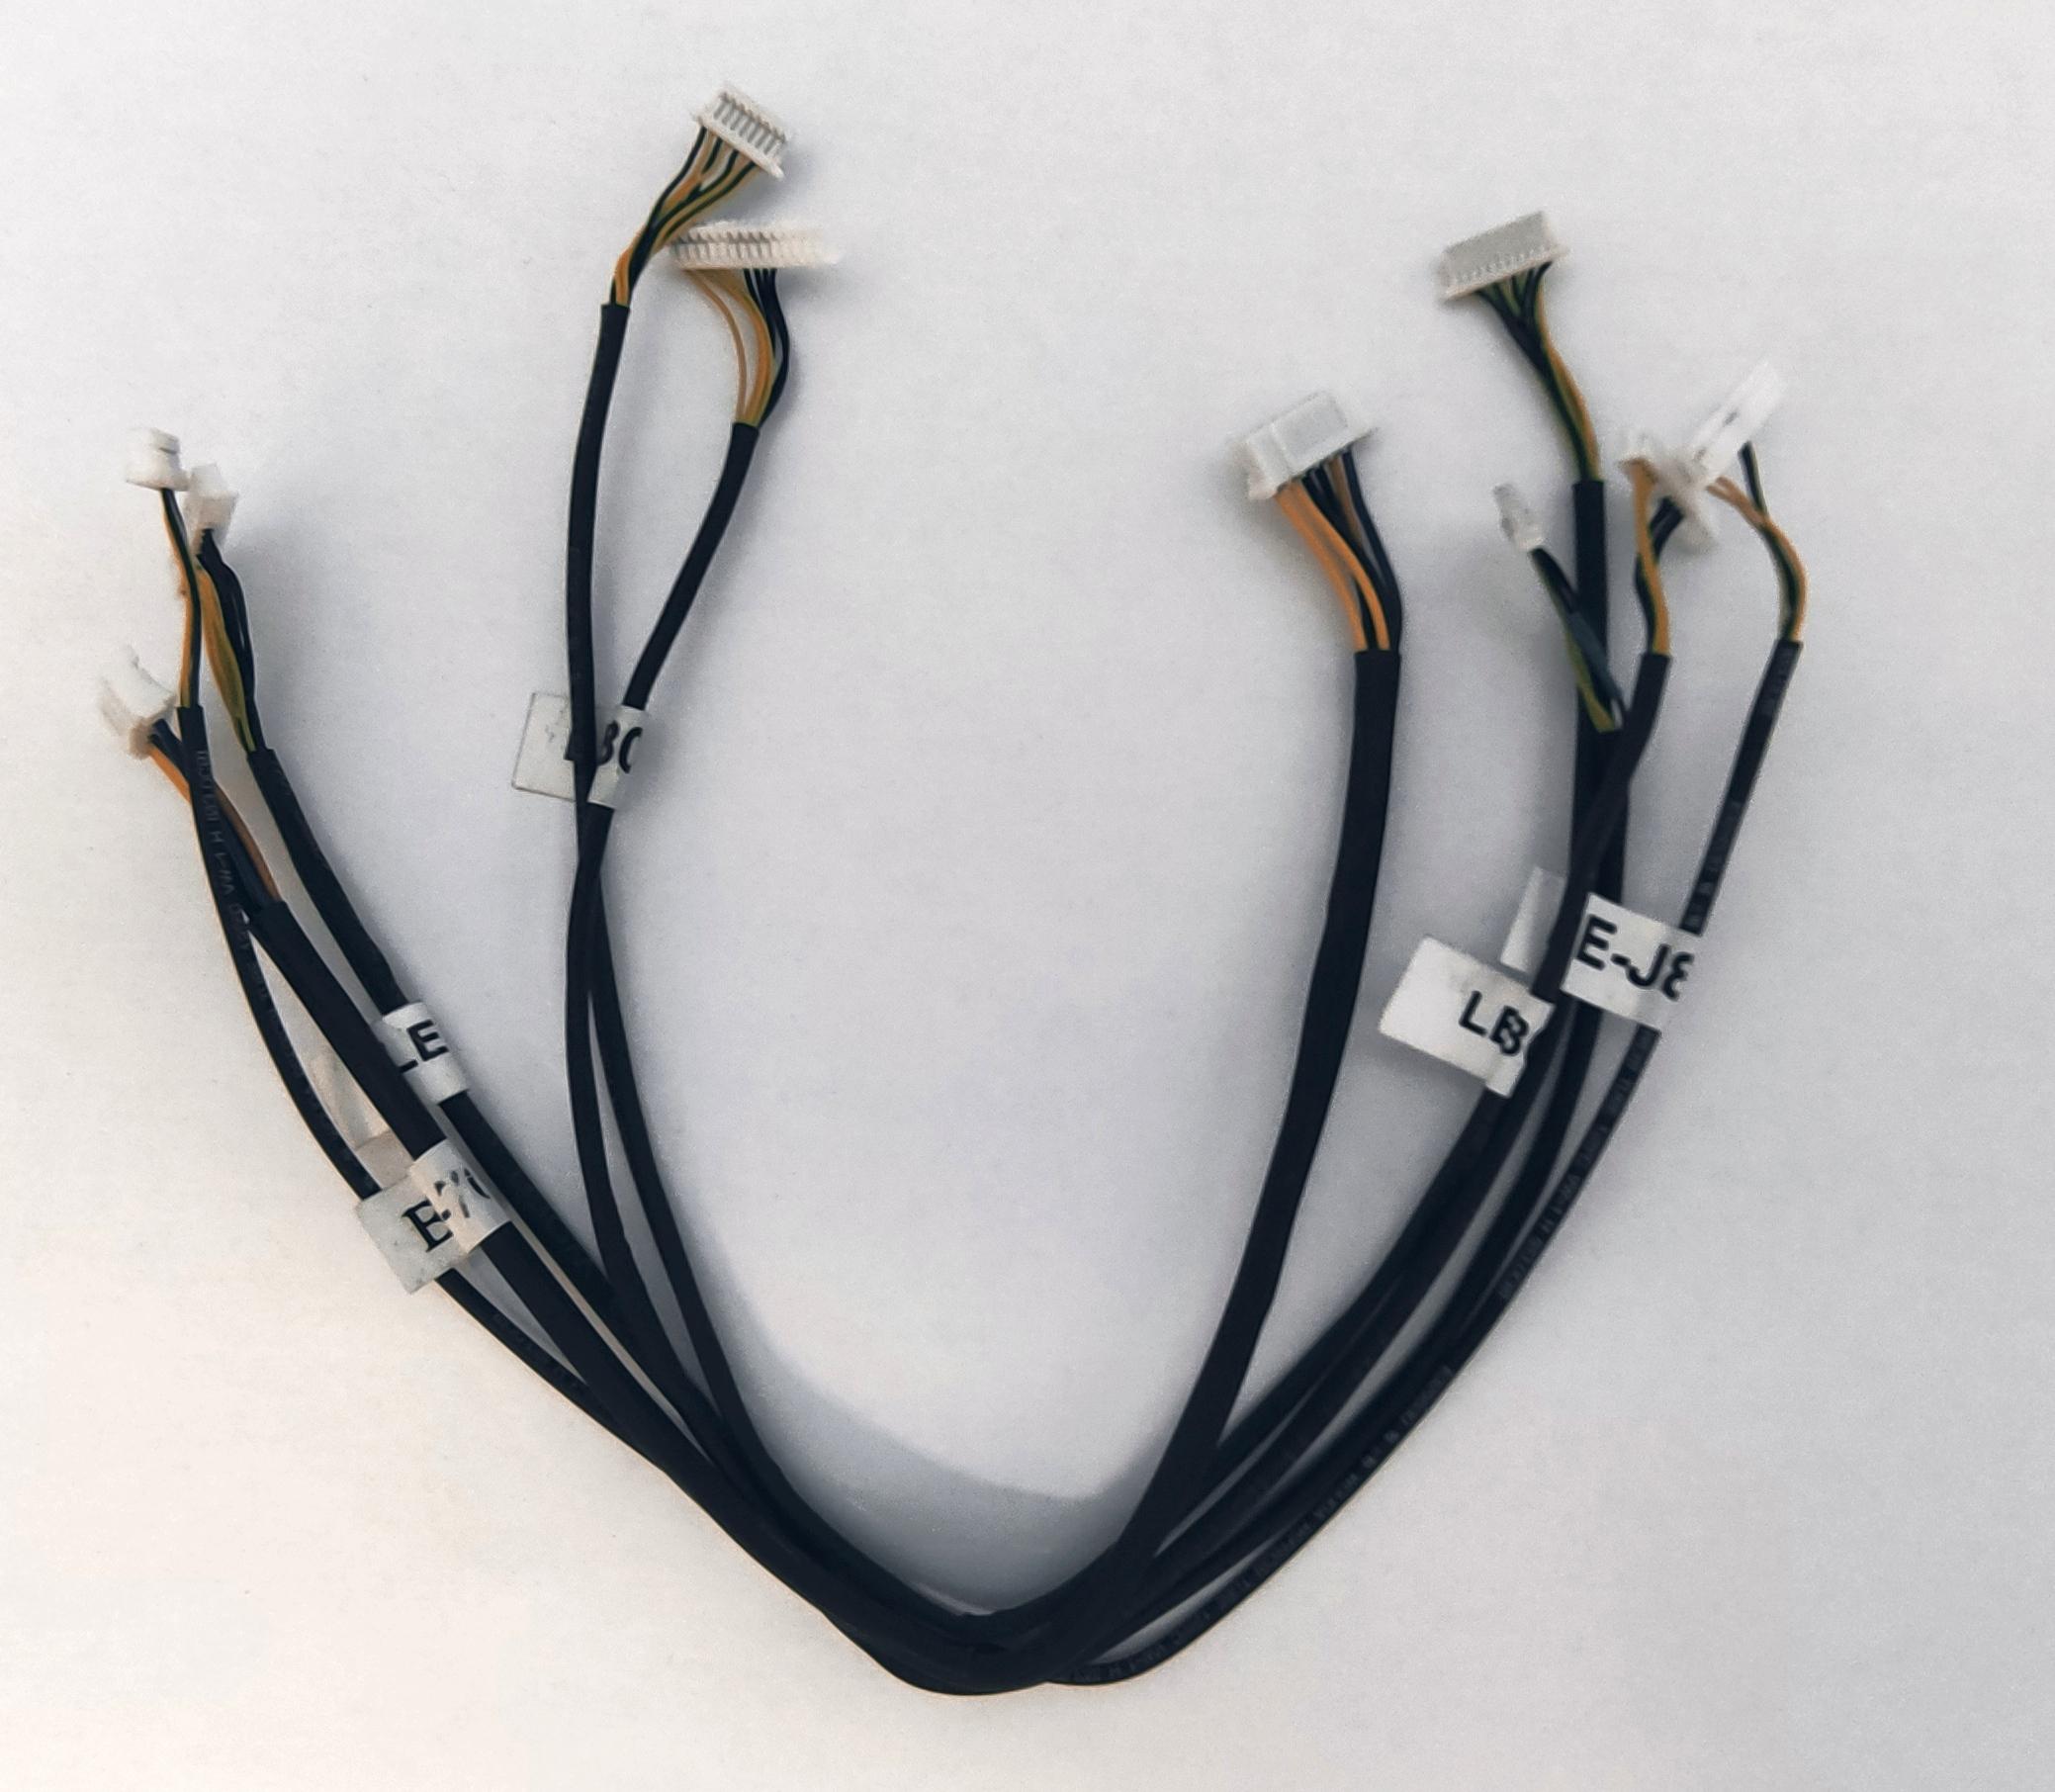 Кабель питания инвертора SpectrahDynamics BT-cable-70621